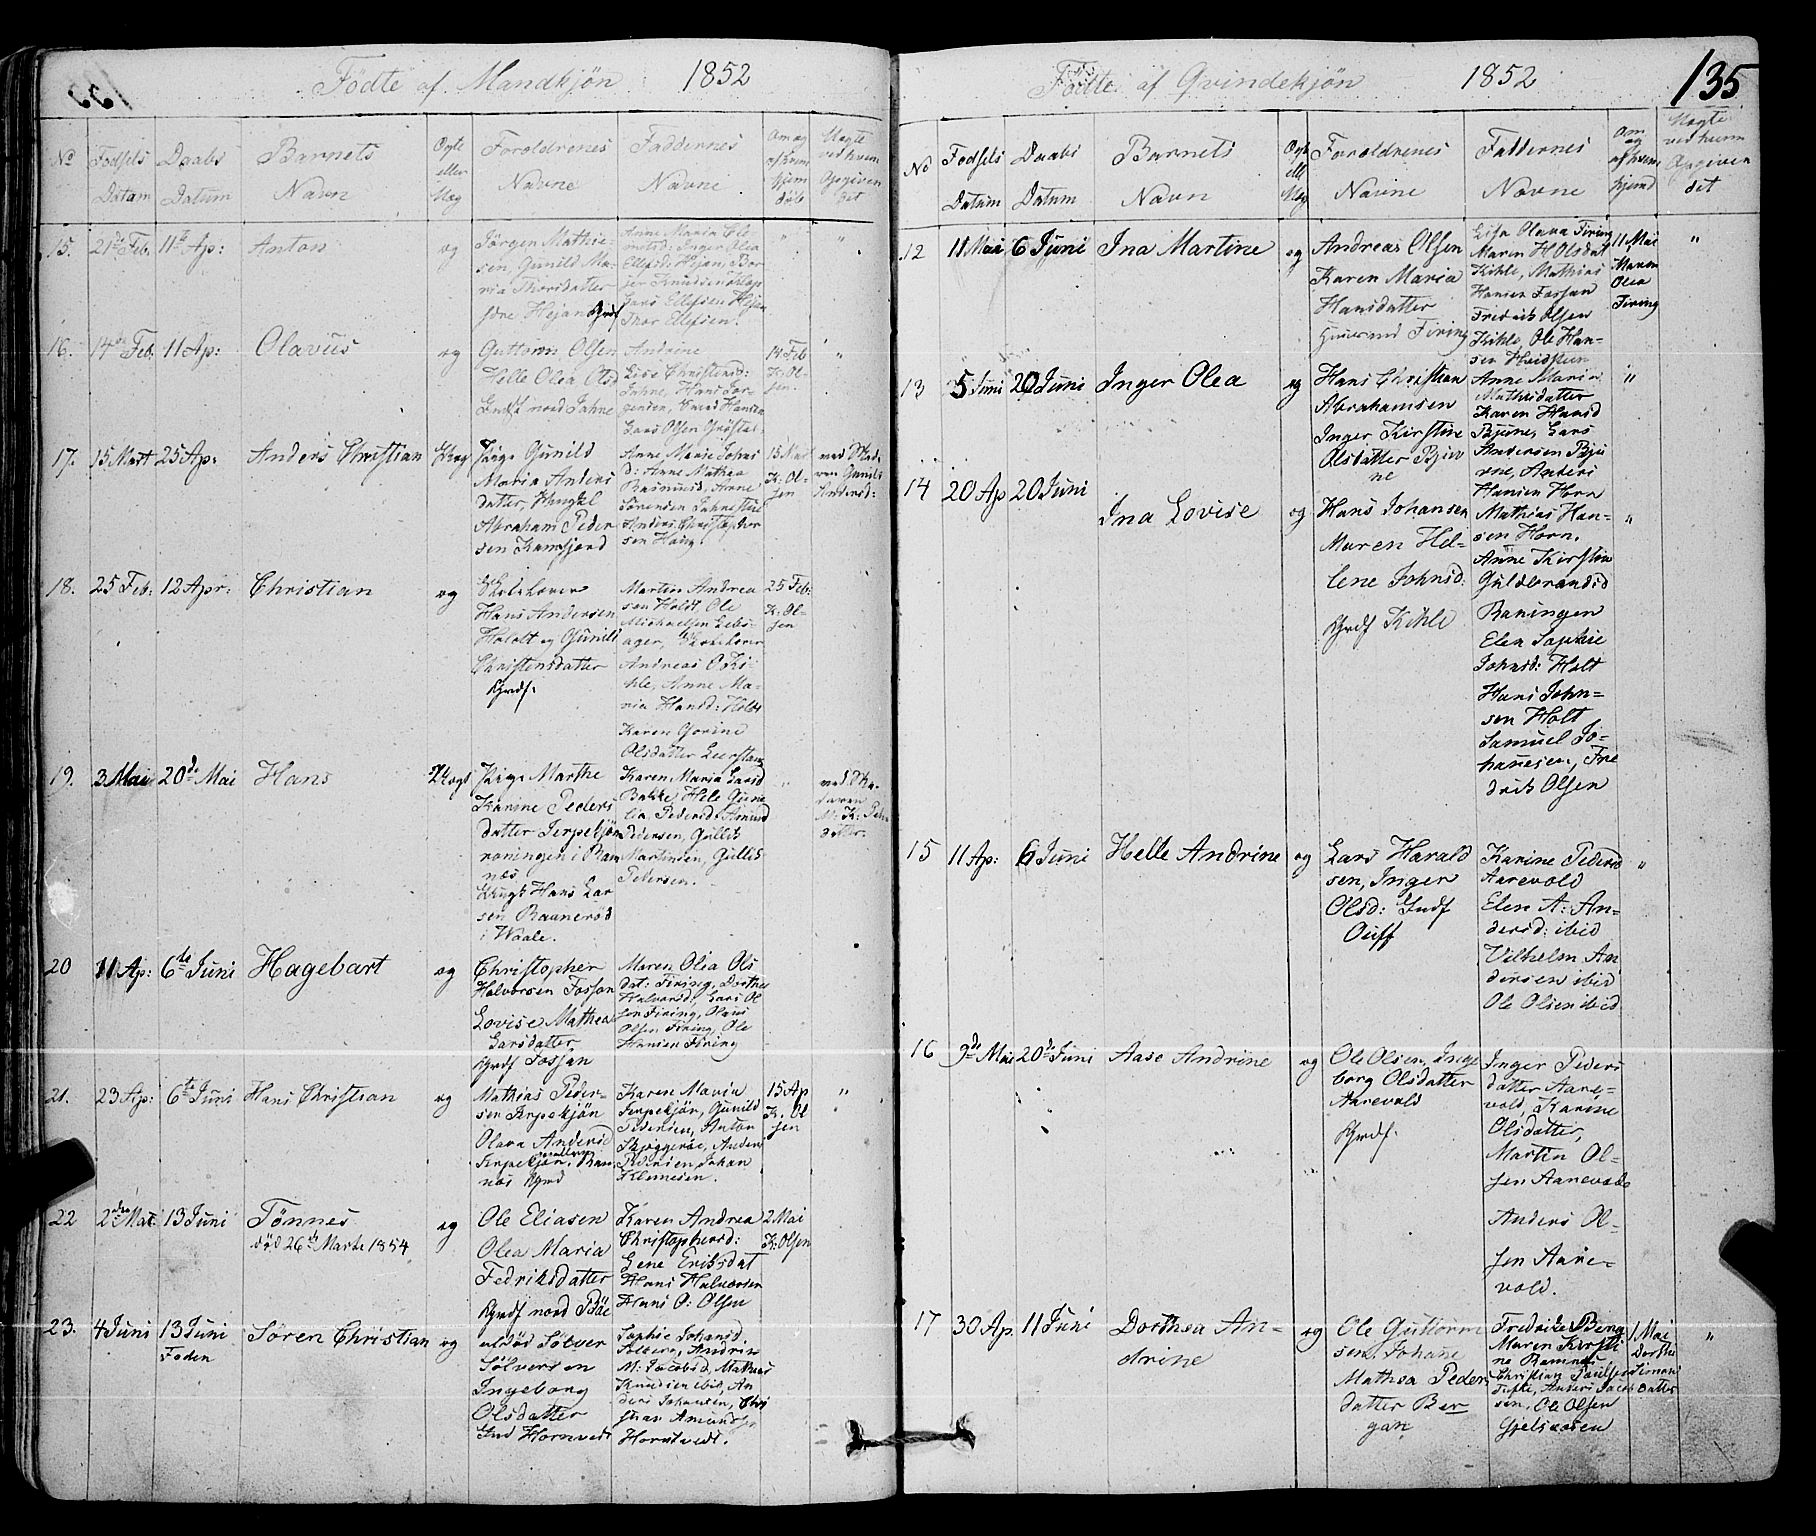 SAKO, Ramnes kirkebøker, F/Fa/L0005: Ministerialbok nr. I 5, 1841-1861, s. 134-135